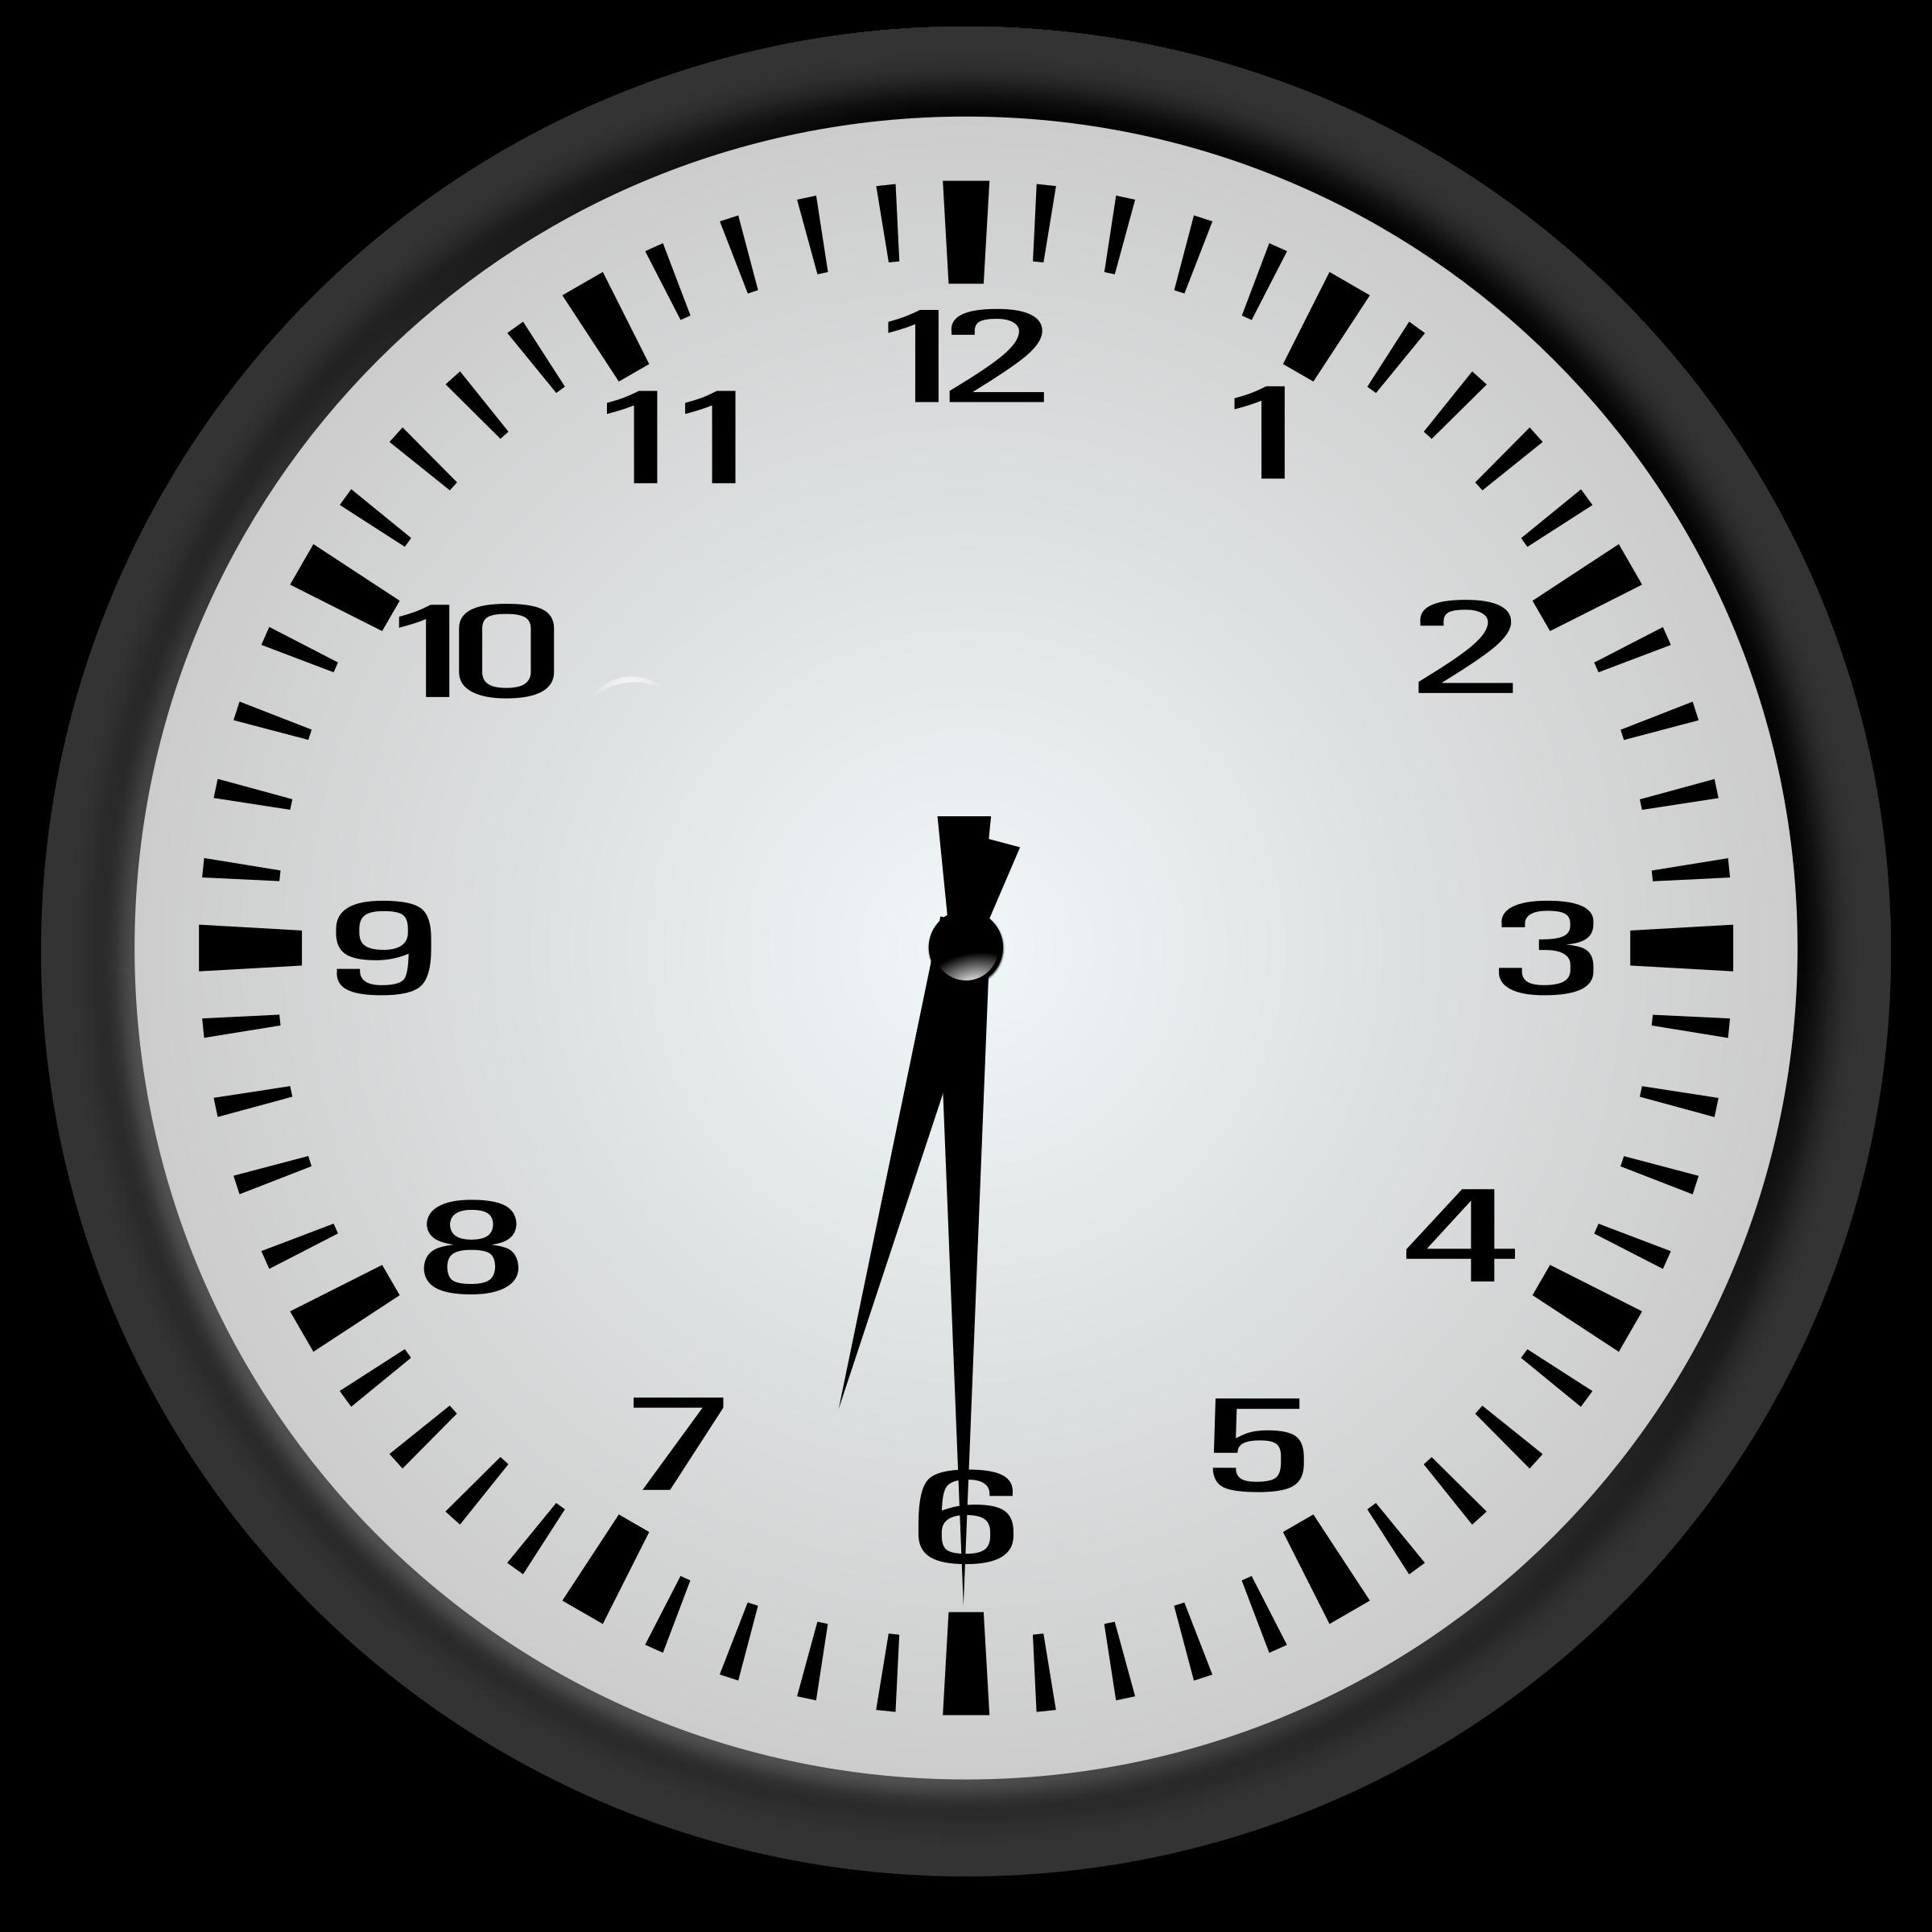 6 30 Clock Clipart.